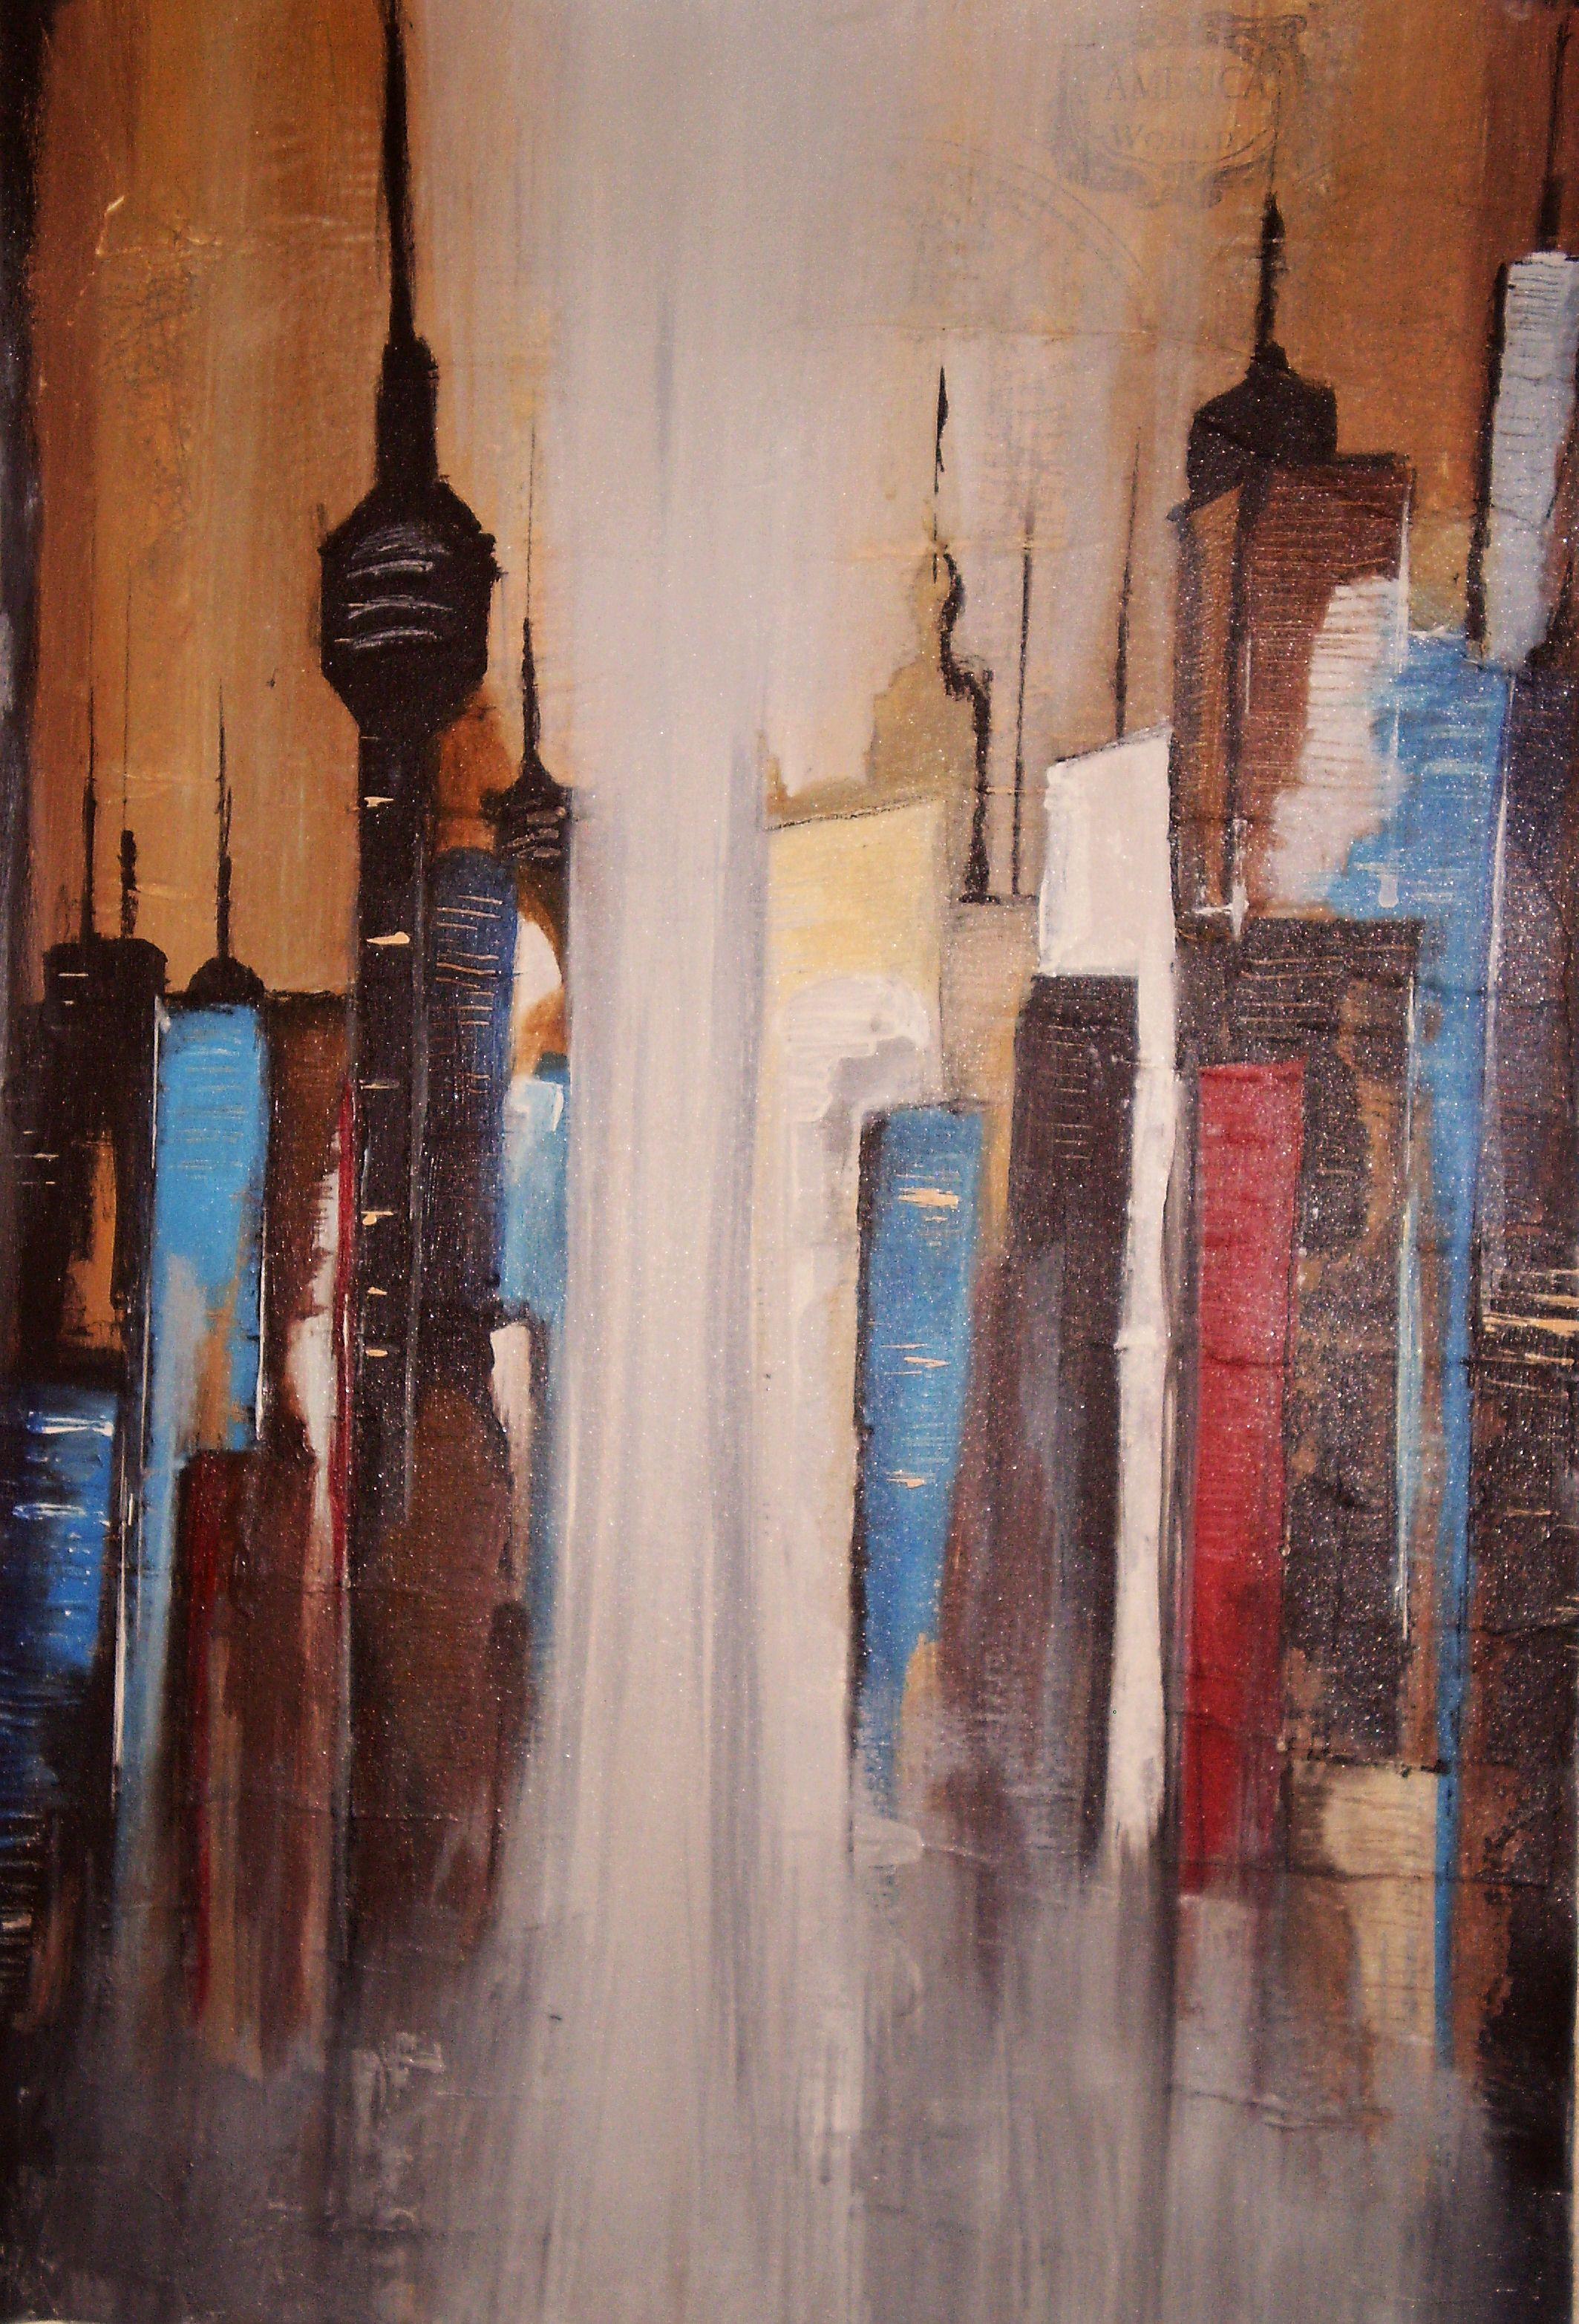 Peinture Au Couteau Nelly Lestrade : peinture, couteau, nelly, lestrade, (peinture, Couteau, Papier, Journal), Peinture, Couteau,, Peinture,, Label